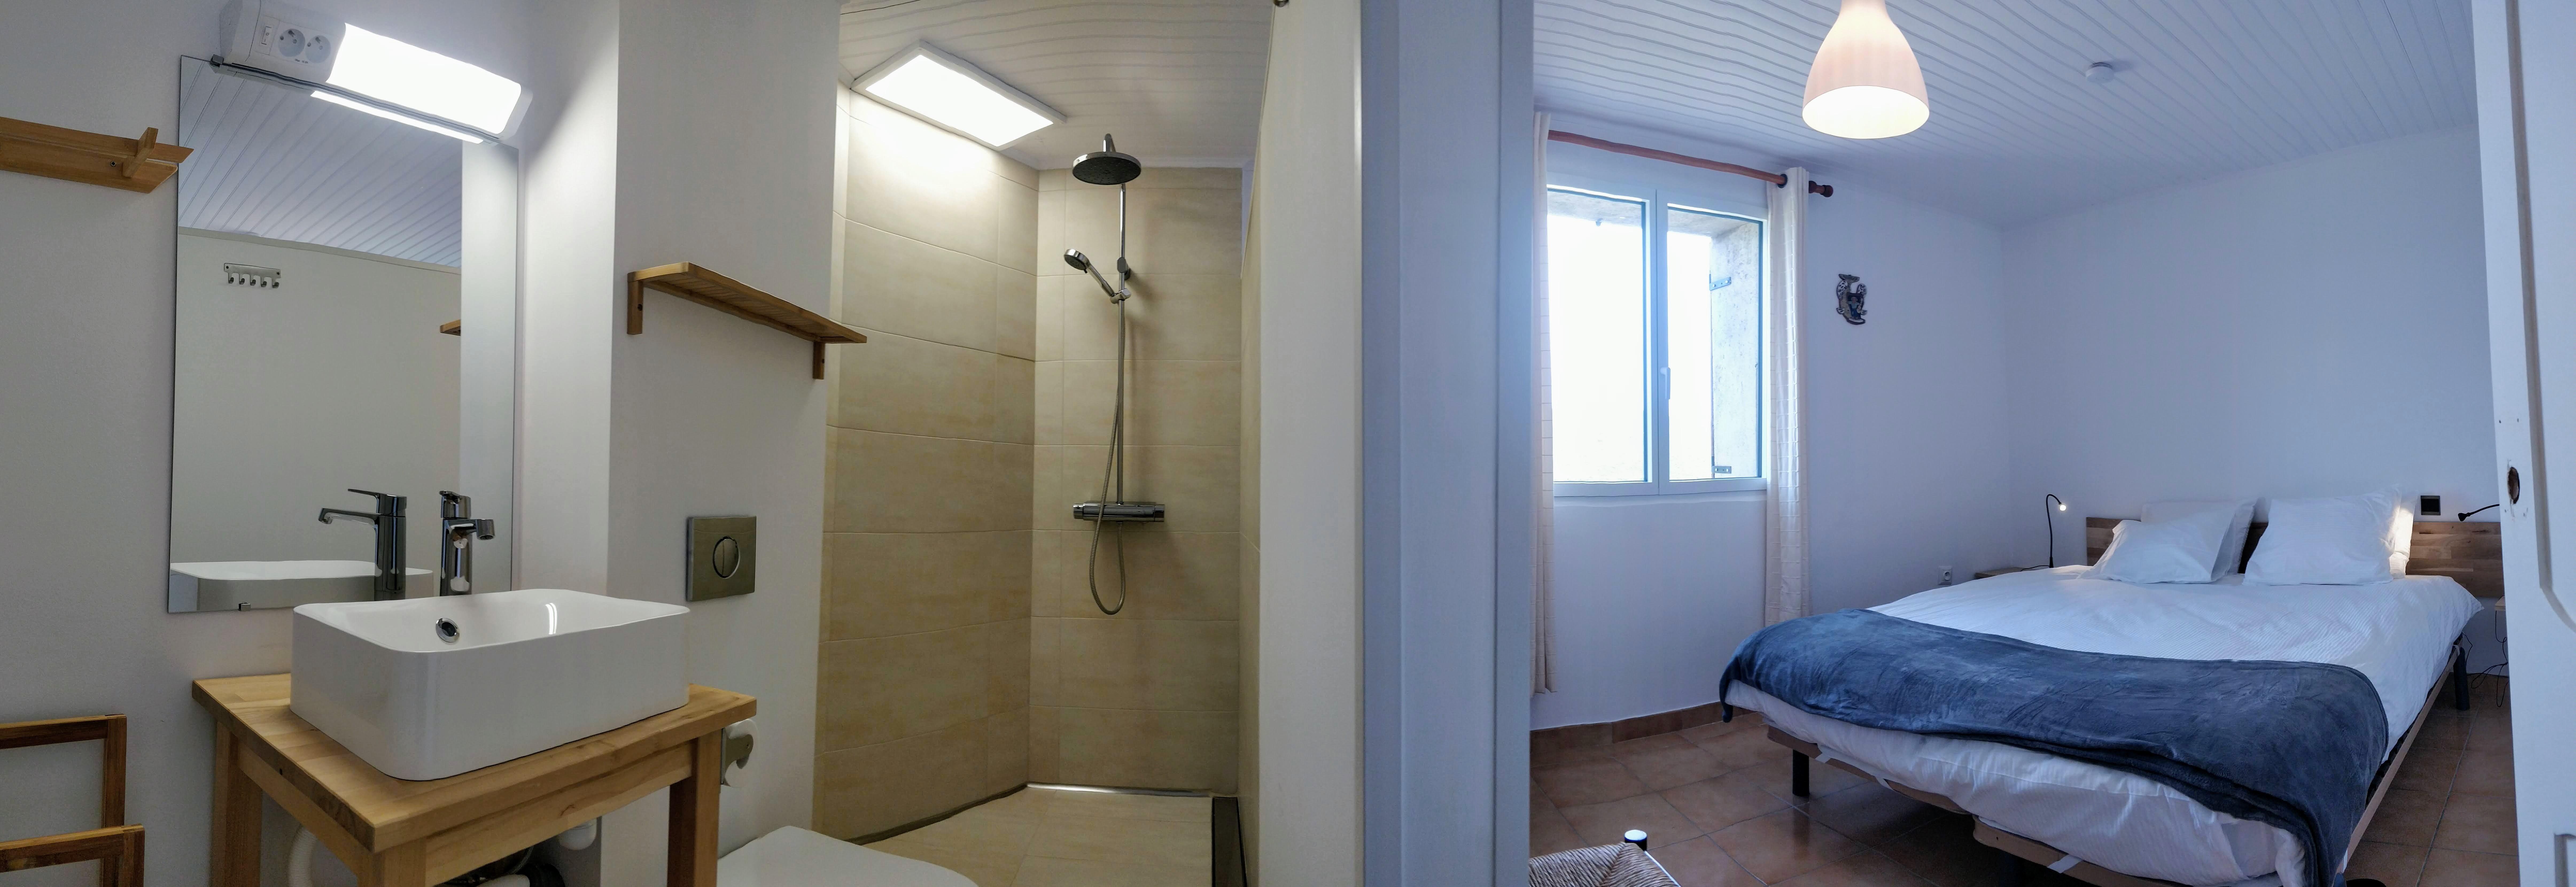 Chambre avec salle d'eau privative au 1° etage Poujol